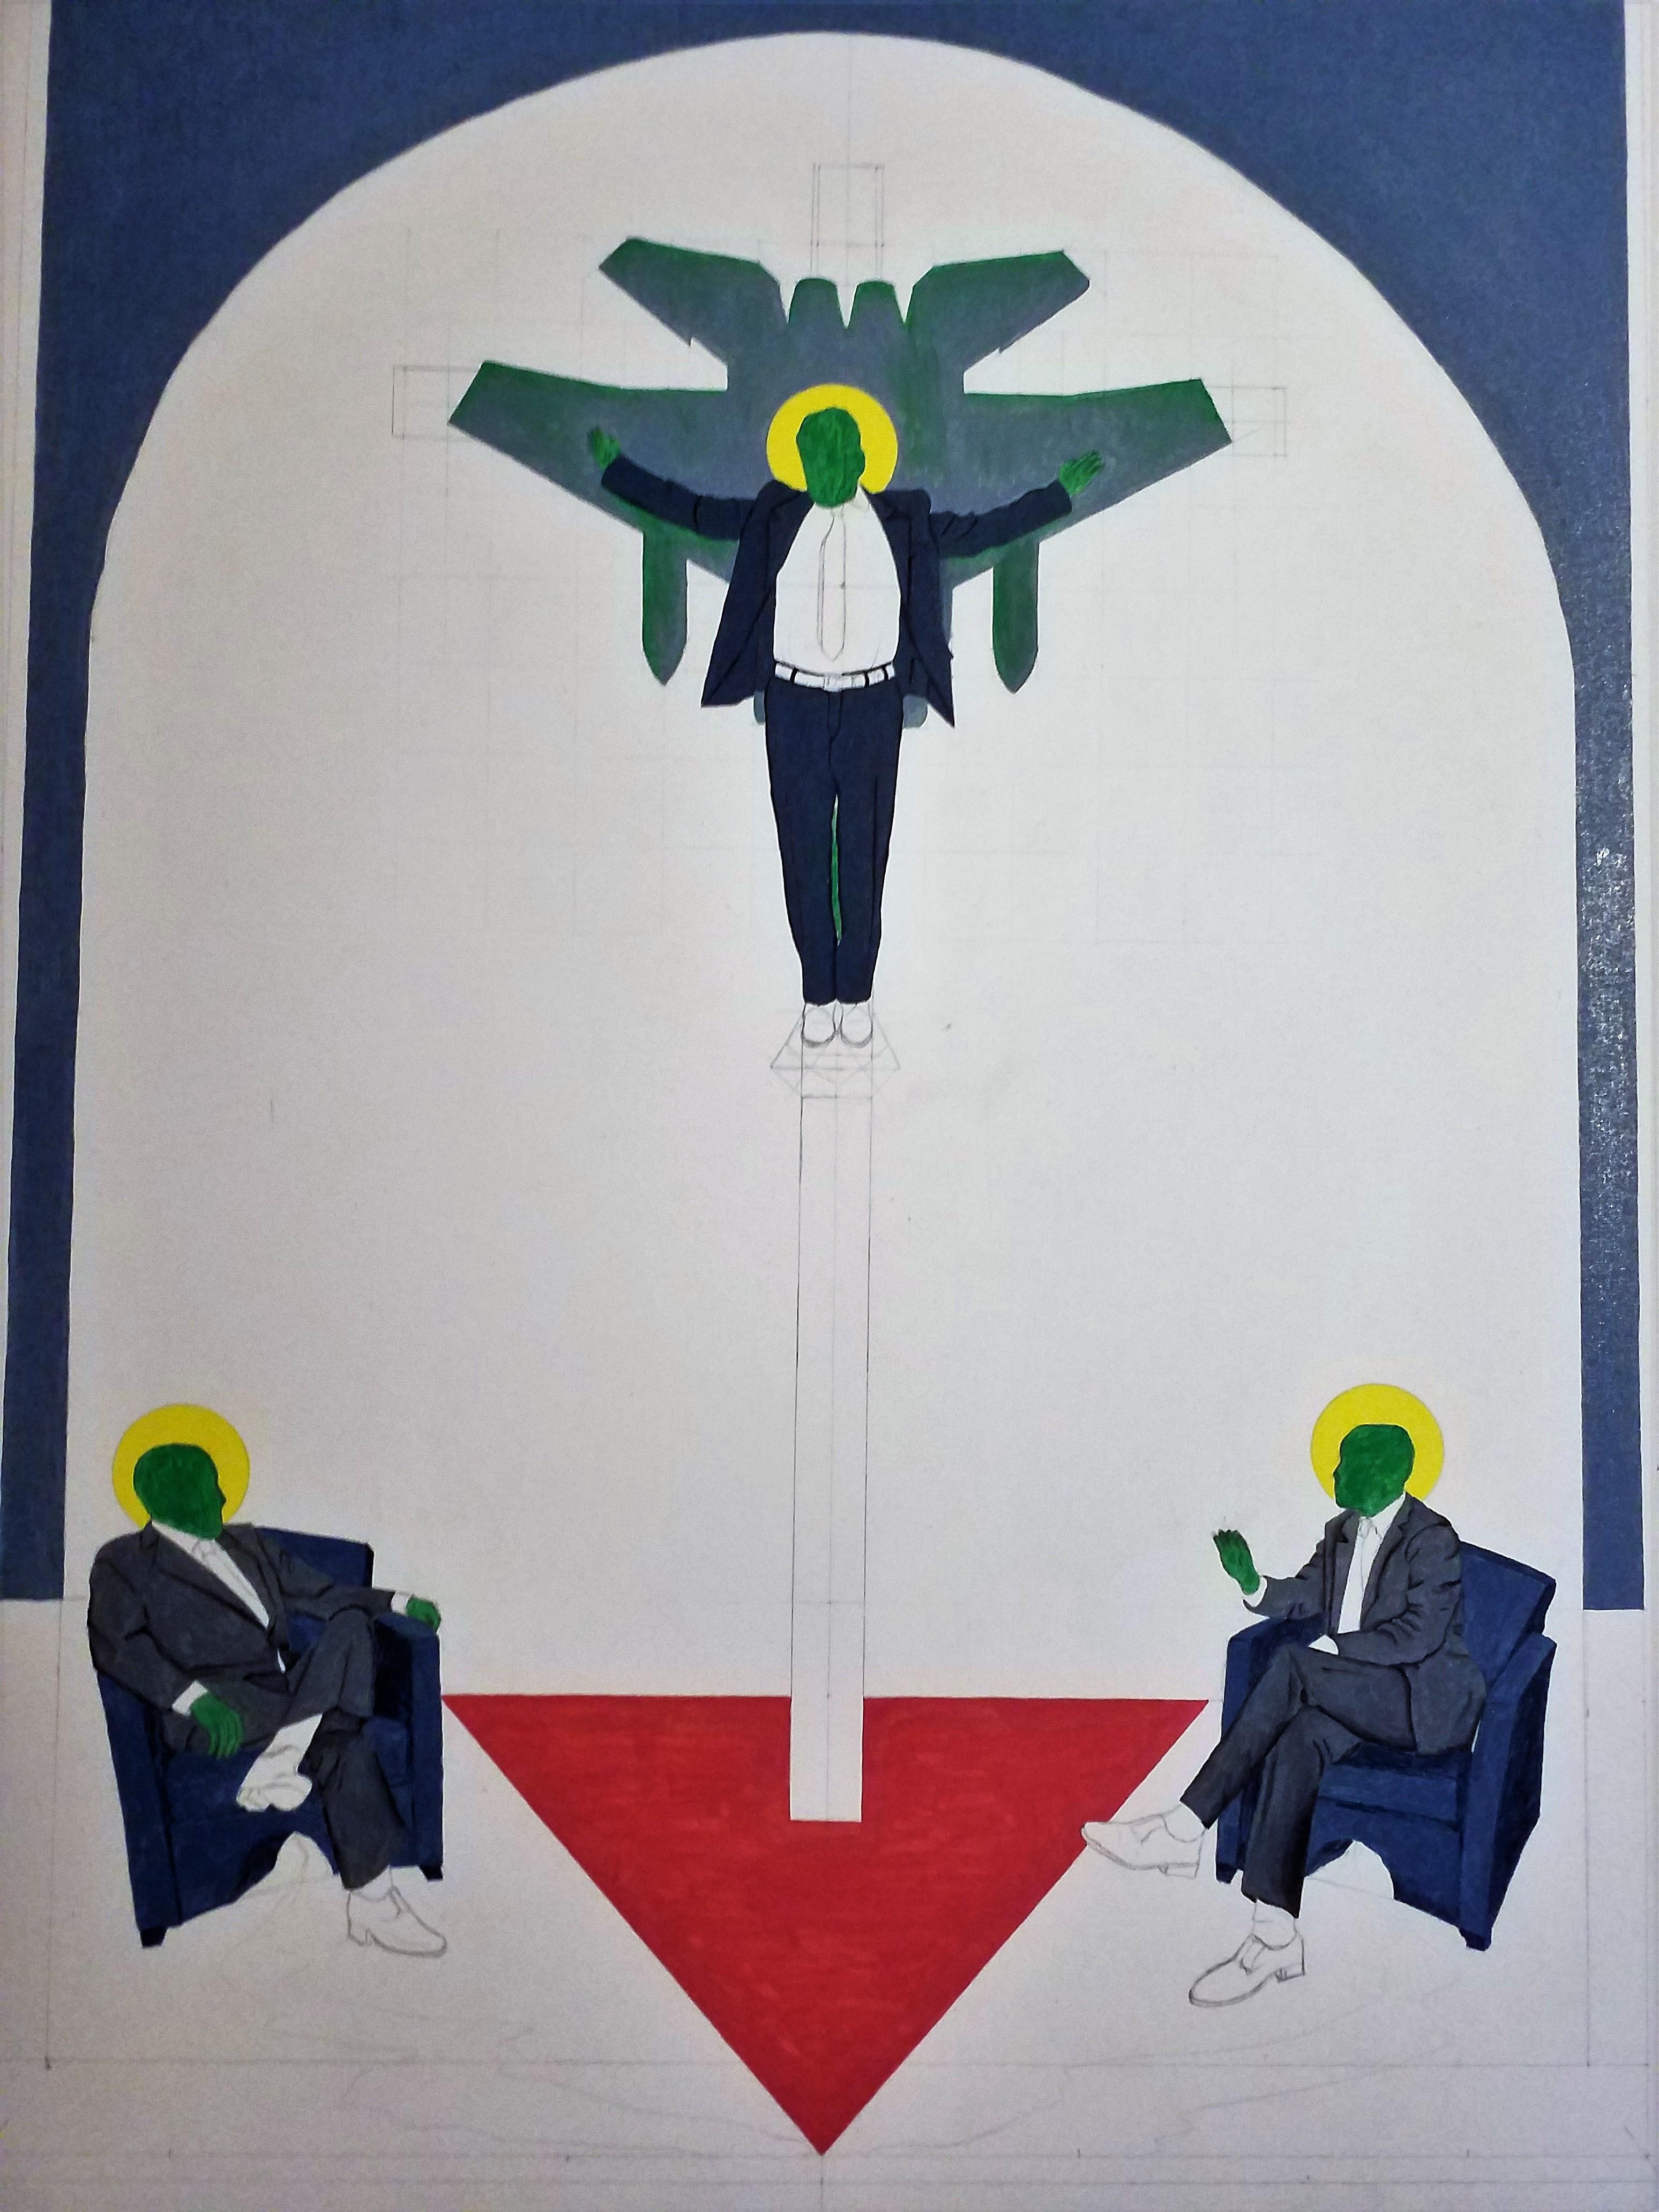 L'inizio di un quadro, 2018 cm 60x80, olio su tela, Pasquale Mastrogiacomo